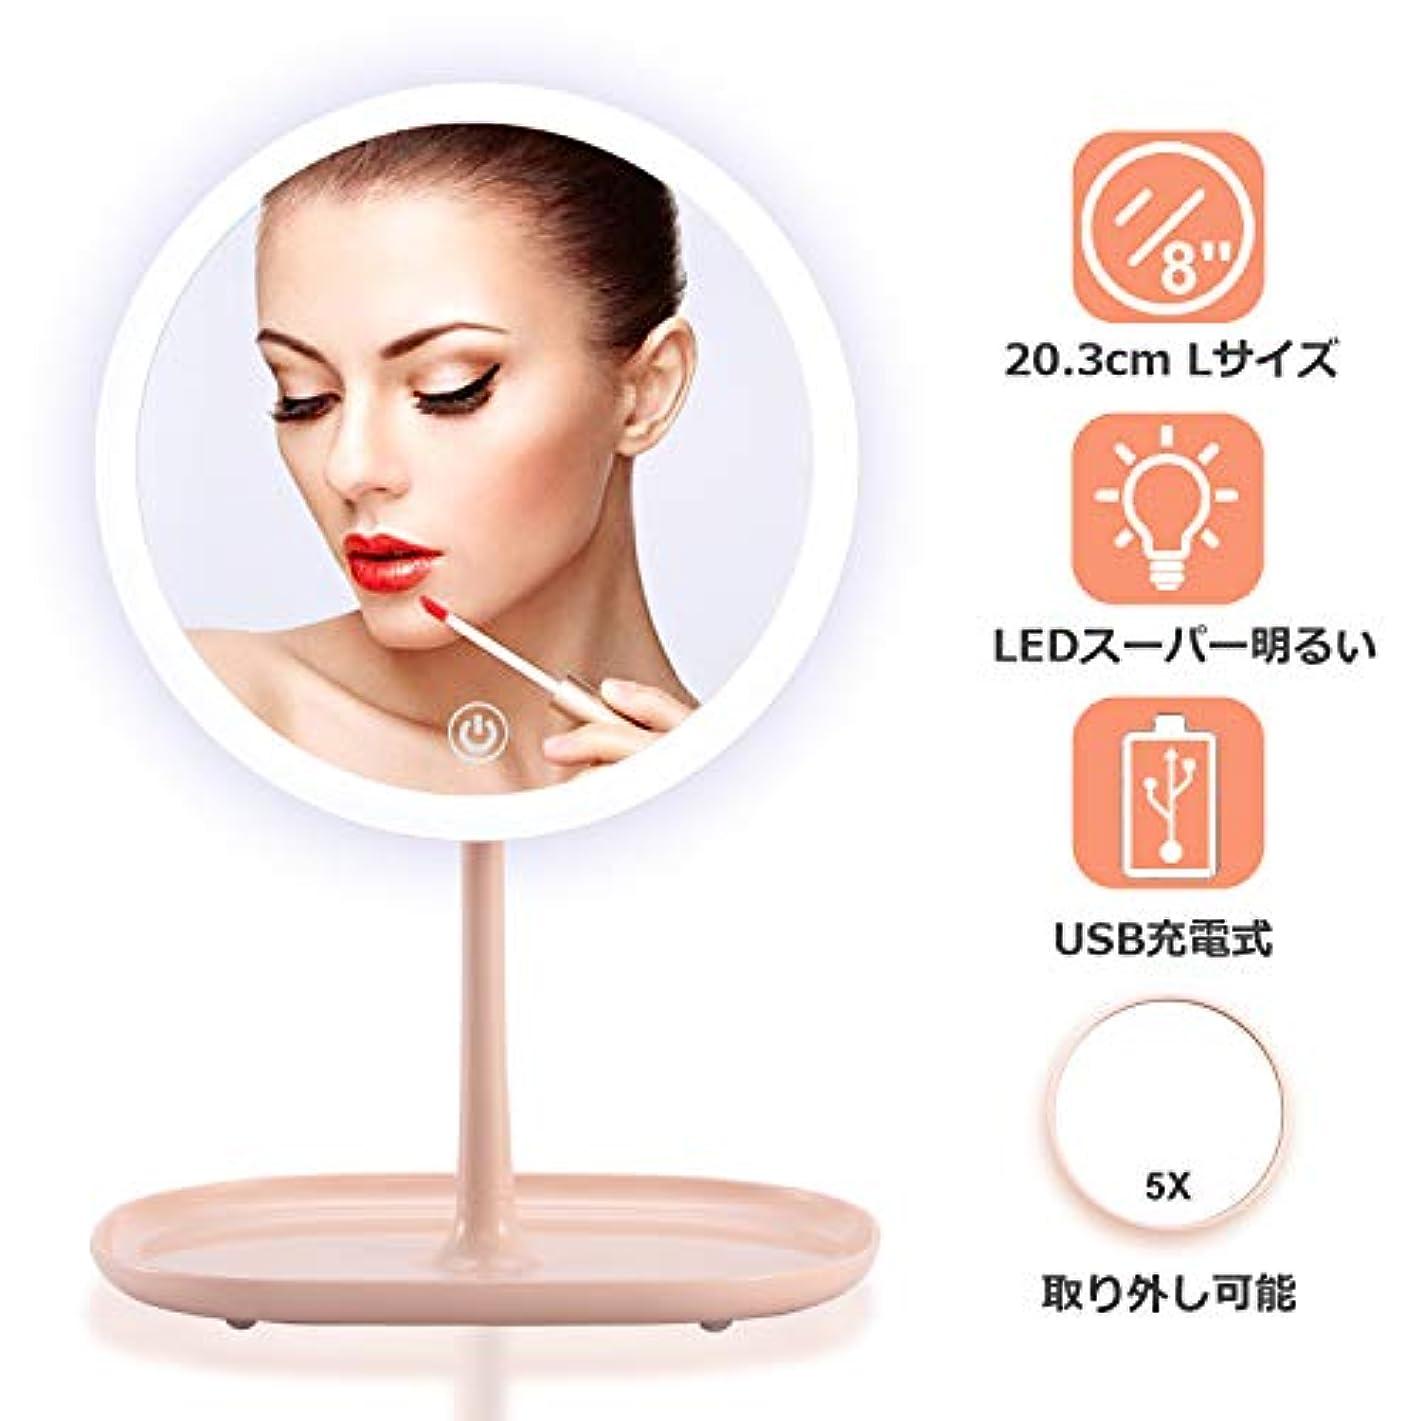 枯渇専門唇化粧鏡 卓上ミラー 女優ミラー LEDミラー スタンドミラー USB充電式 5倍拡大鏡付き 明るさ階調節可能 90°回転 鏡面Φ203mm